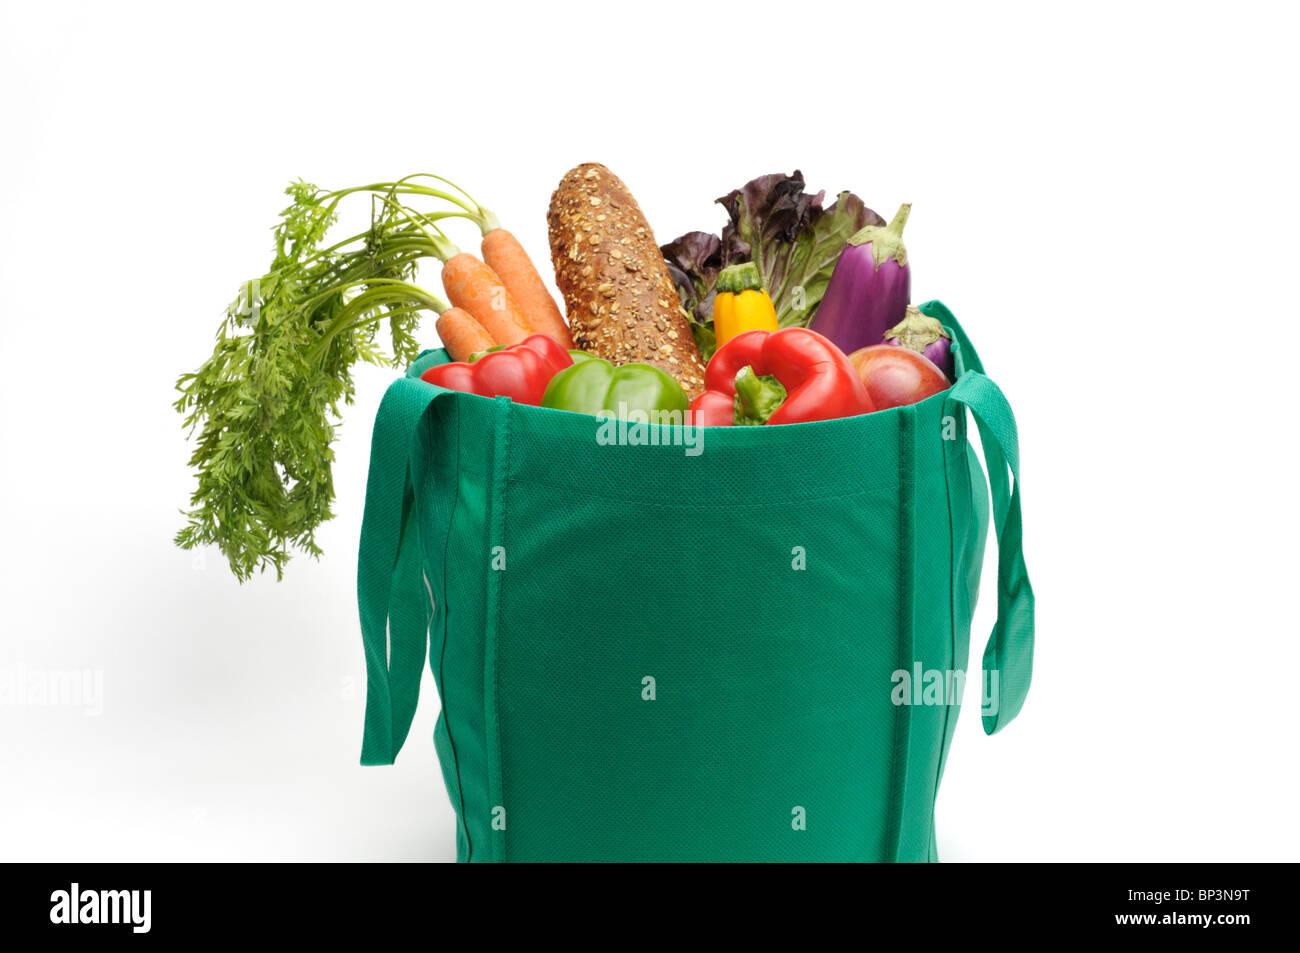 Eco-friendly sac réutilisable avec des fruits et légumes. Photo Stock